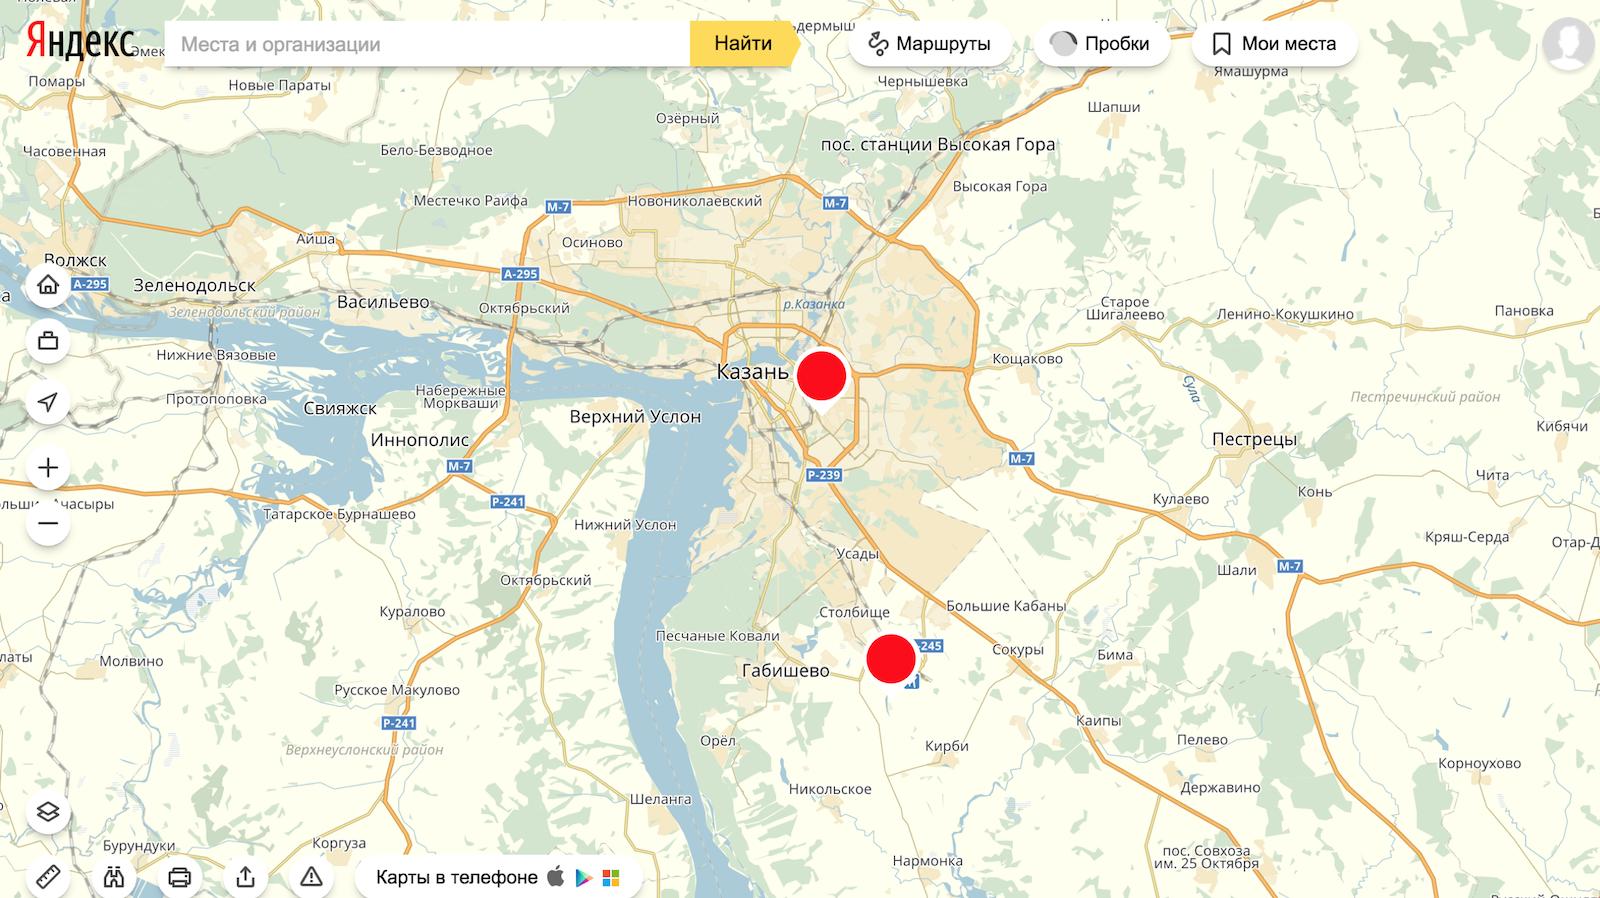 Яндекс использовал нейросеть и научился прогнозировать осадки с точностью до минут - 2